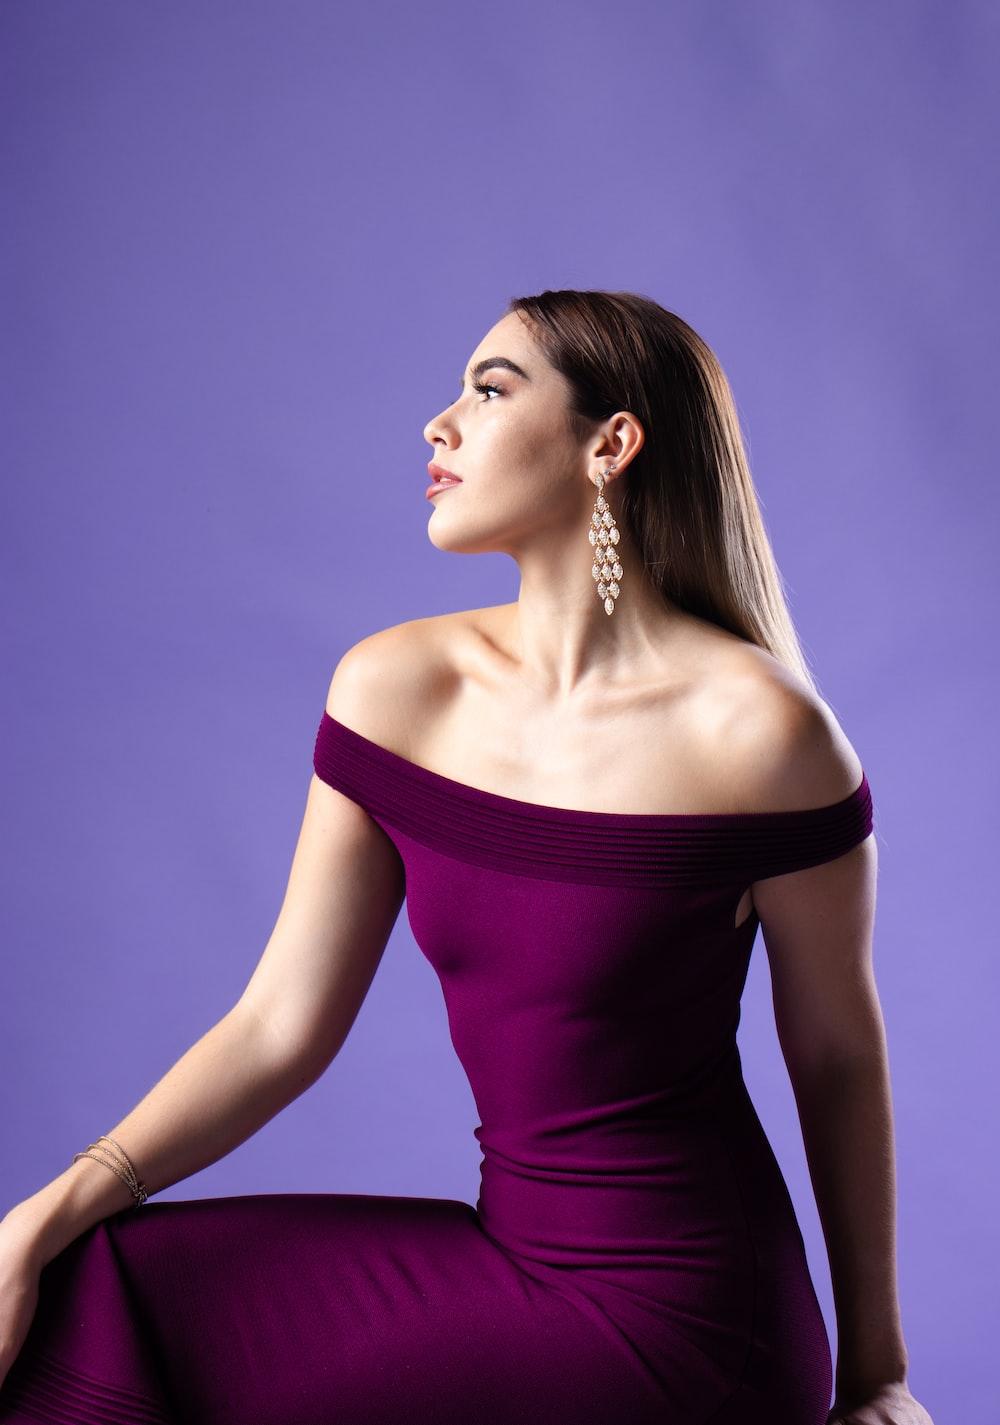 woman wearing purple off-shoulder dress